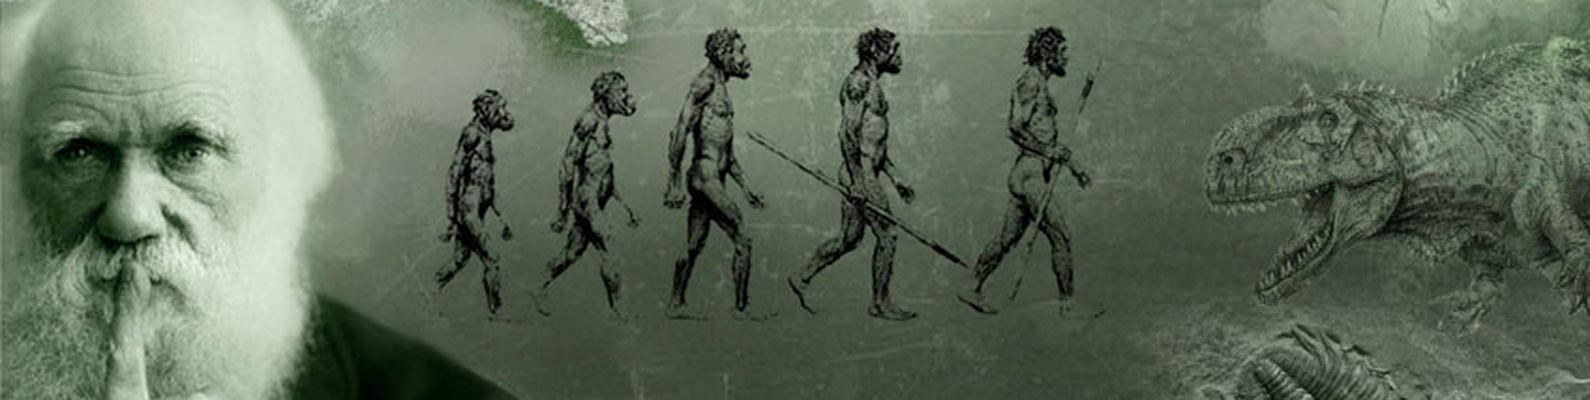 люди боятся биологическая эволюция фото пусть отличные